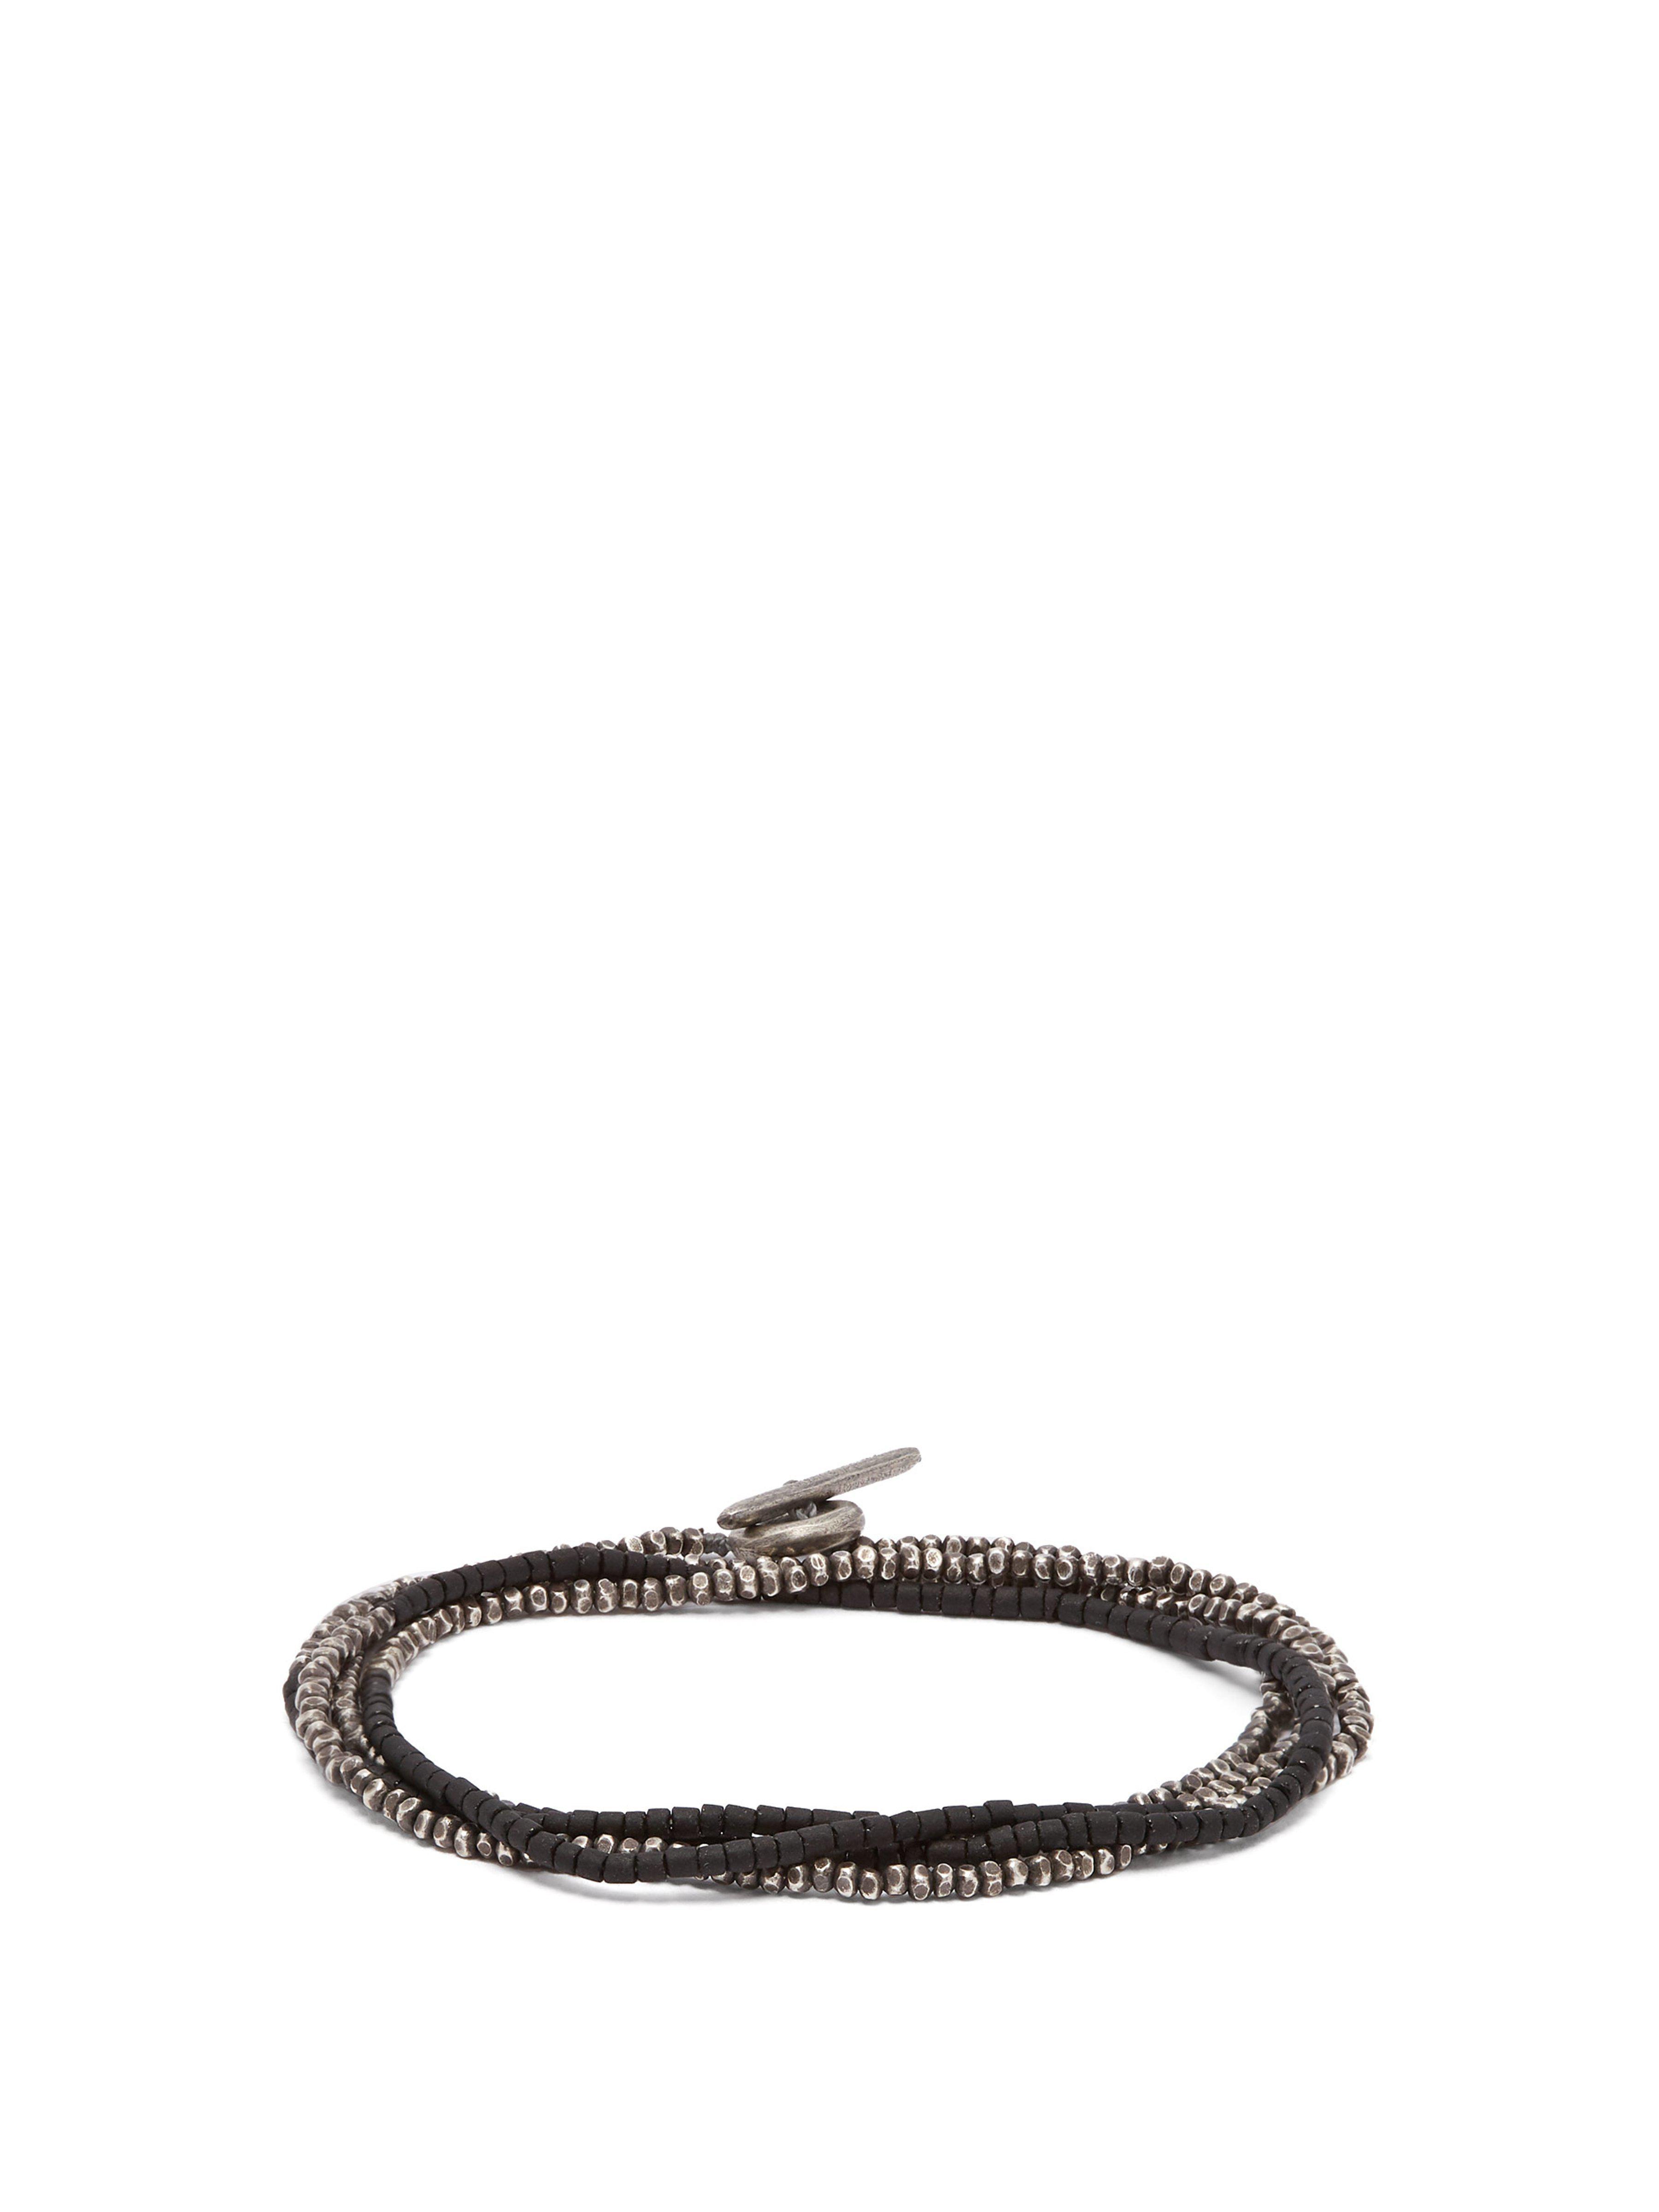 Bracelet homme m cohen